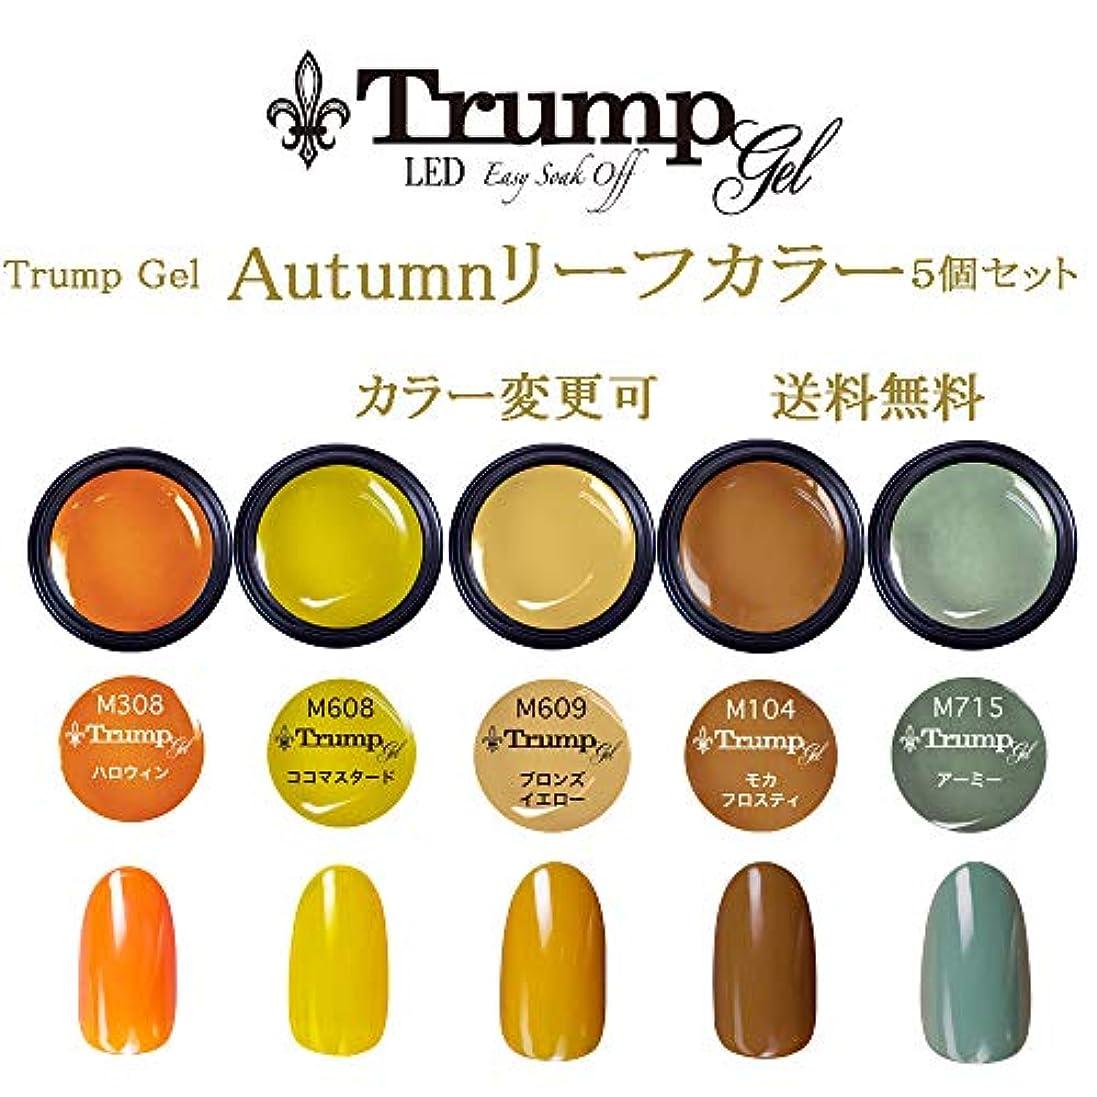 細断許可するアライメント【送料無料】日本製 Trump gel トランプジェル オータムリーフカラー 選べる カラージェル 5個セット オータムネイル ベージュ ブラウン マスタード カラー